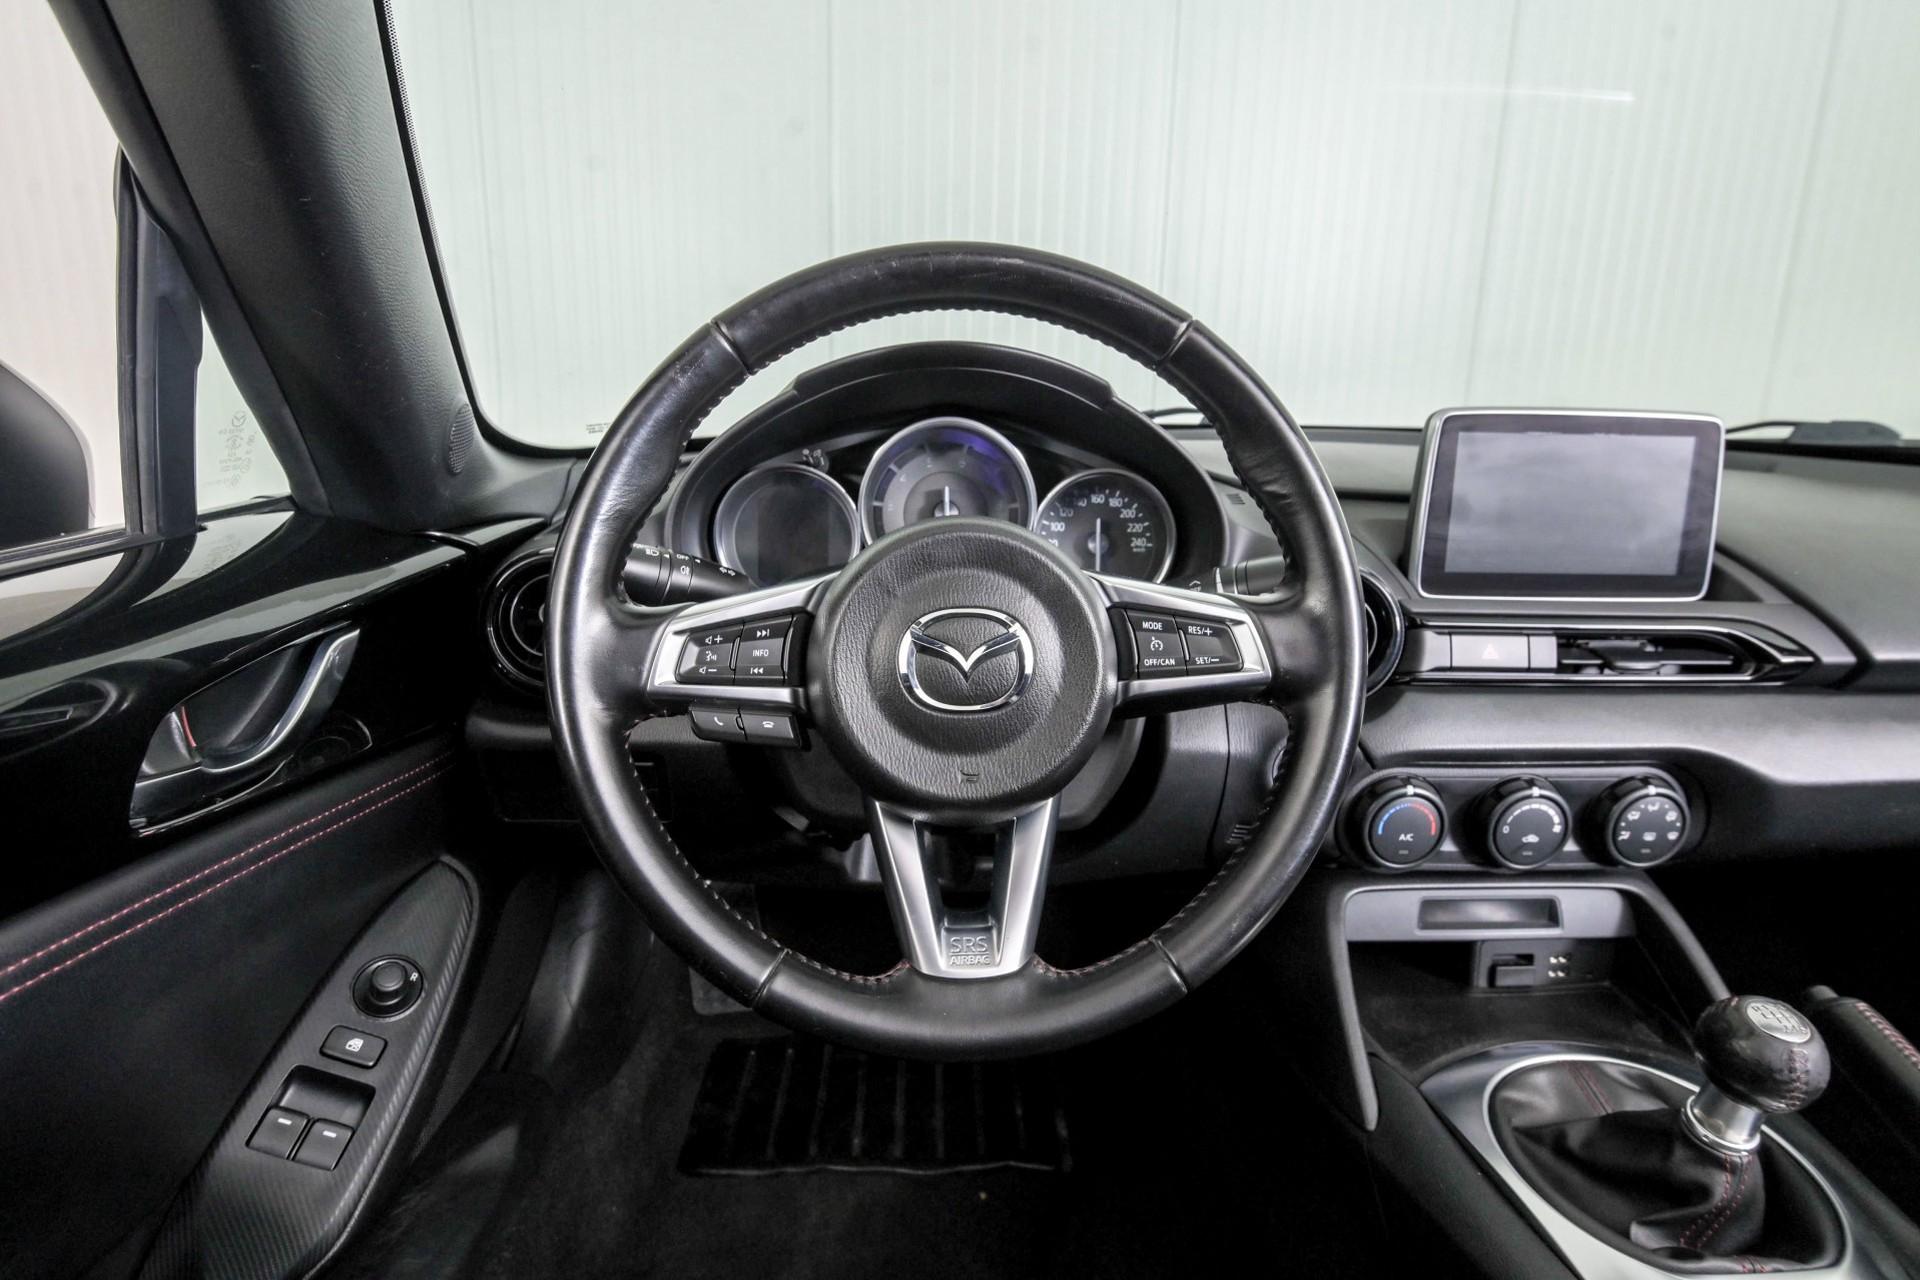 Mazda MX-5 1.5 SkyActiv-G 131 S Foto 8